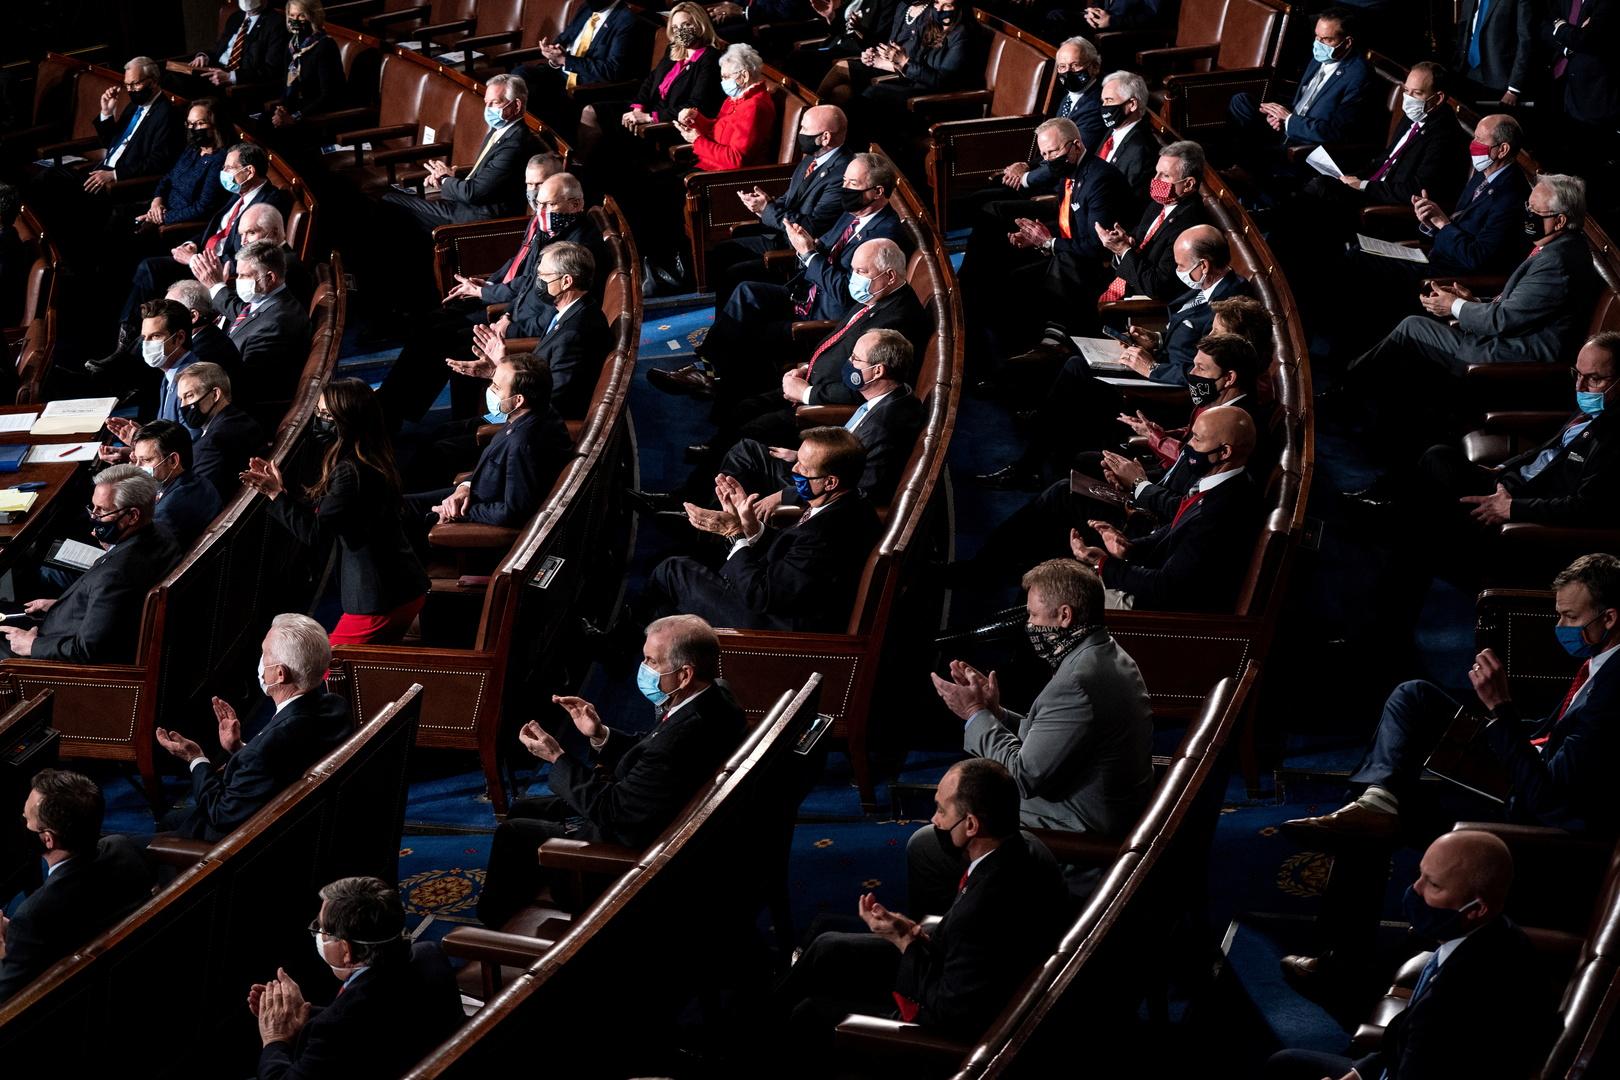 مجلس الشيوخ الأمريكي يقر خطة بايدن للإغاثة من كورونا ويحيلها لمجلس النواب